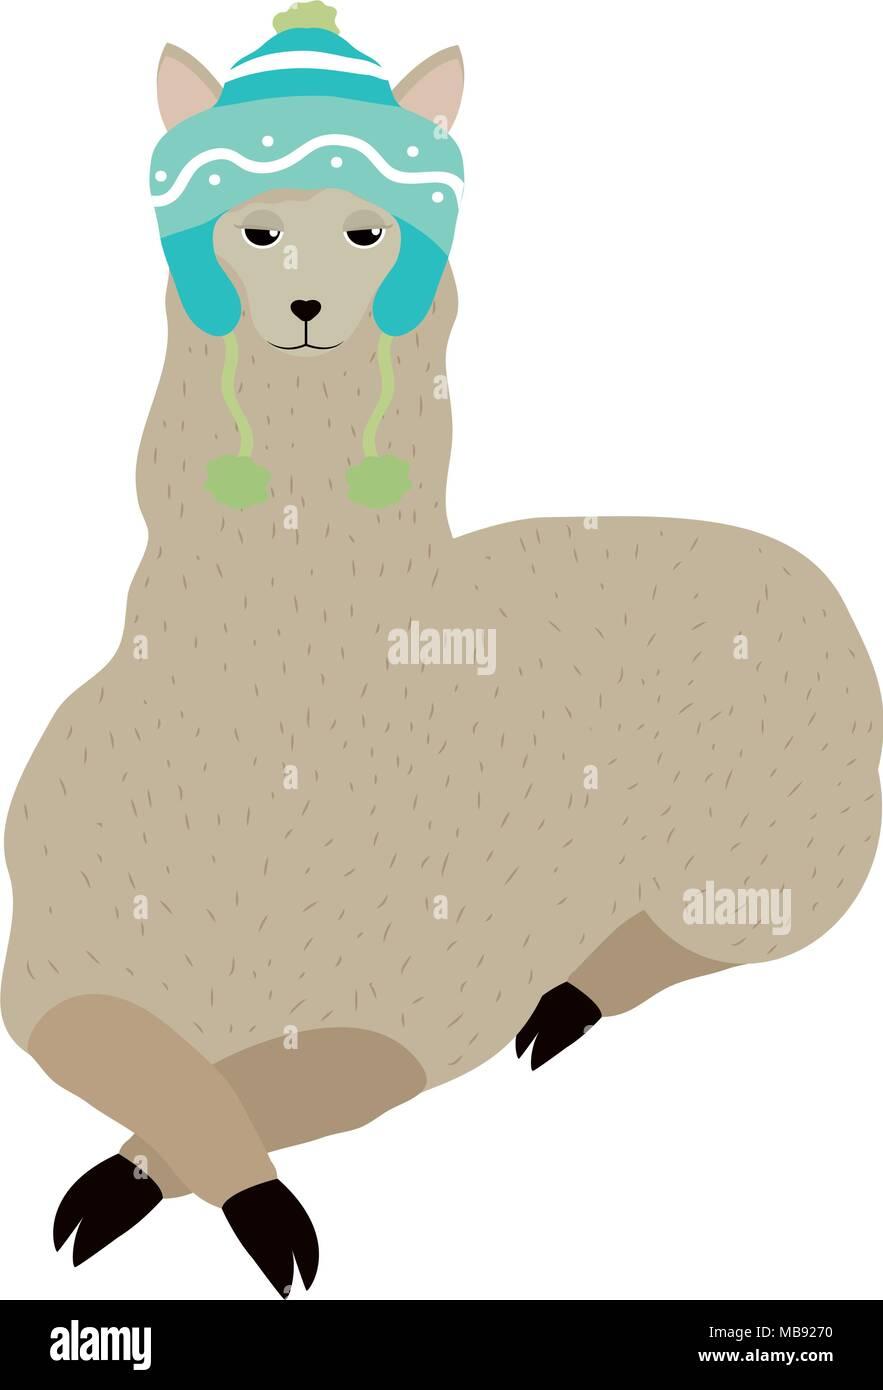 personalizzate carino economico limpido in vista Simpatici animali ovini con Cappello invernale Illustrazione ...